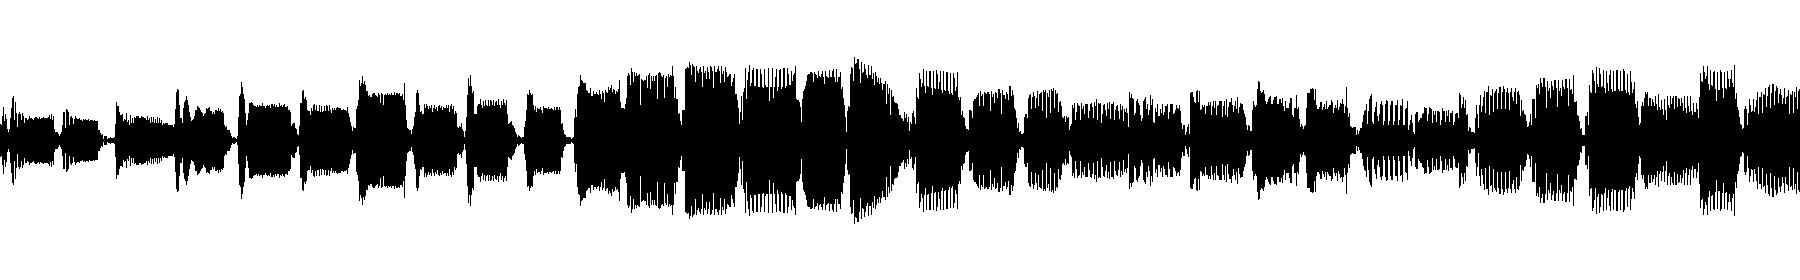 blbc jazzyripper 75 e